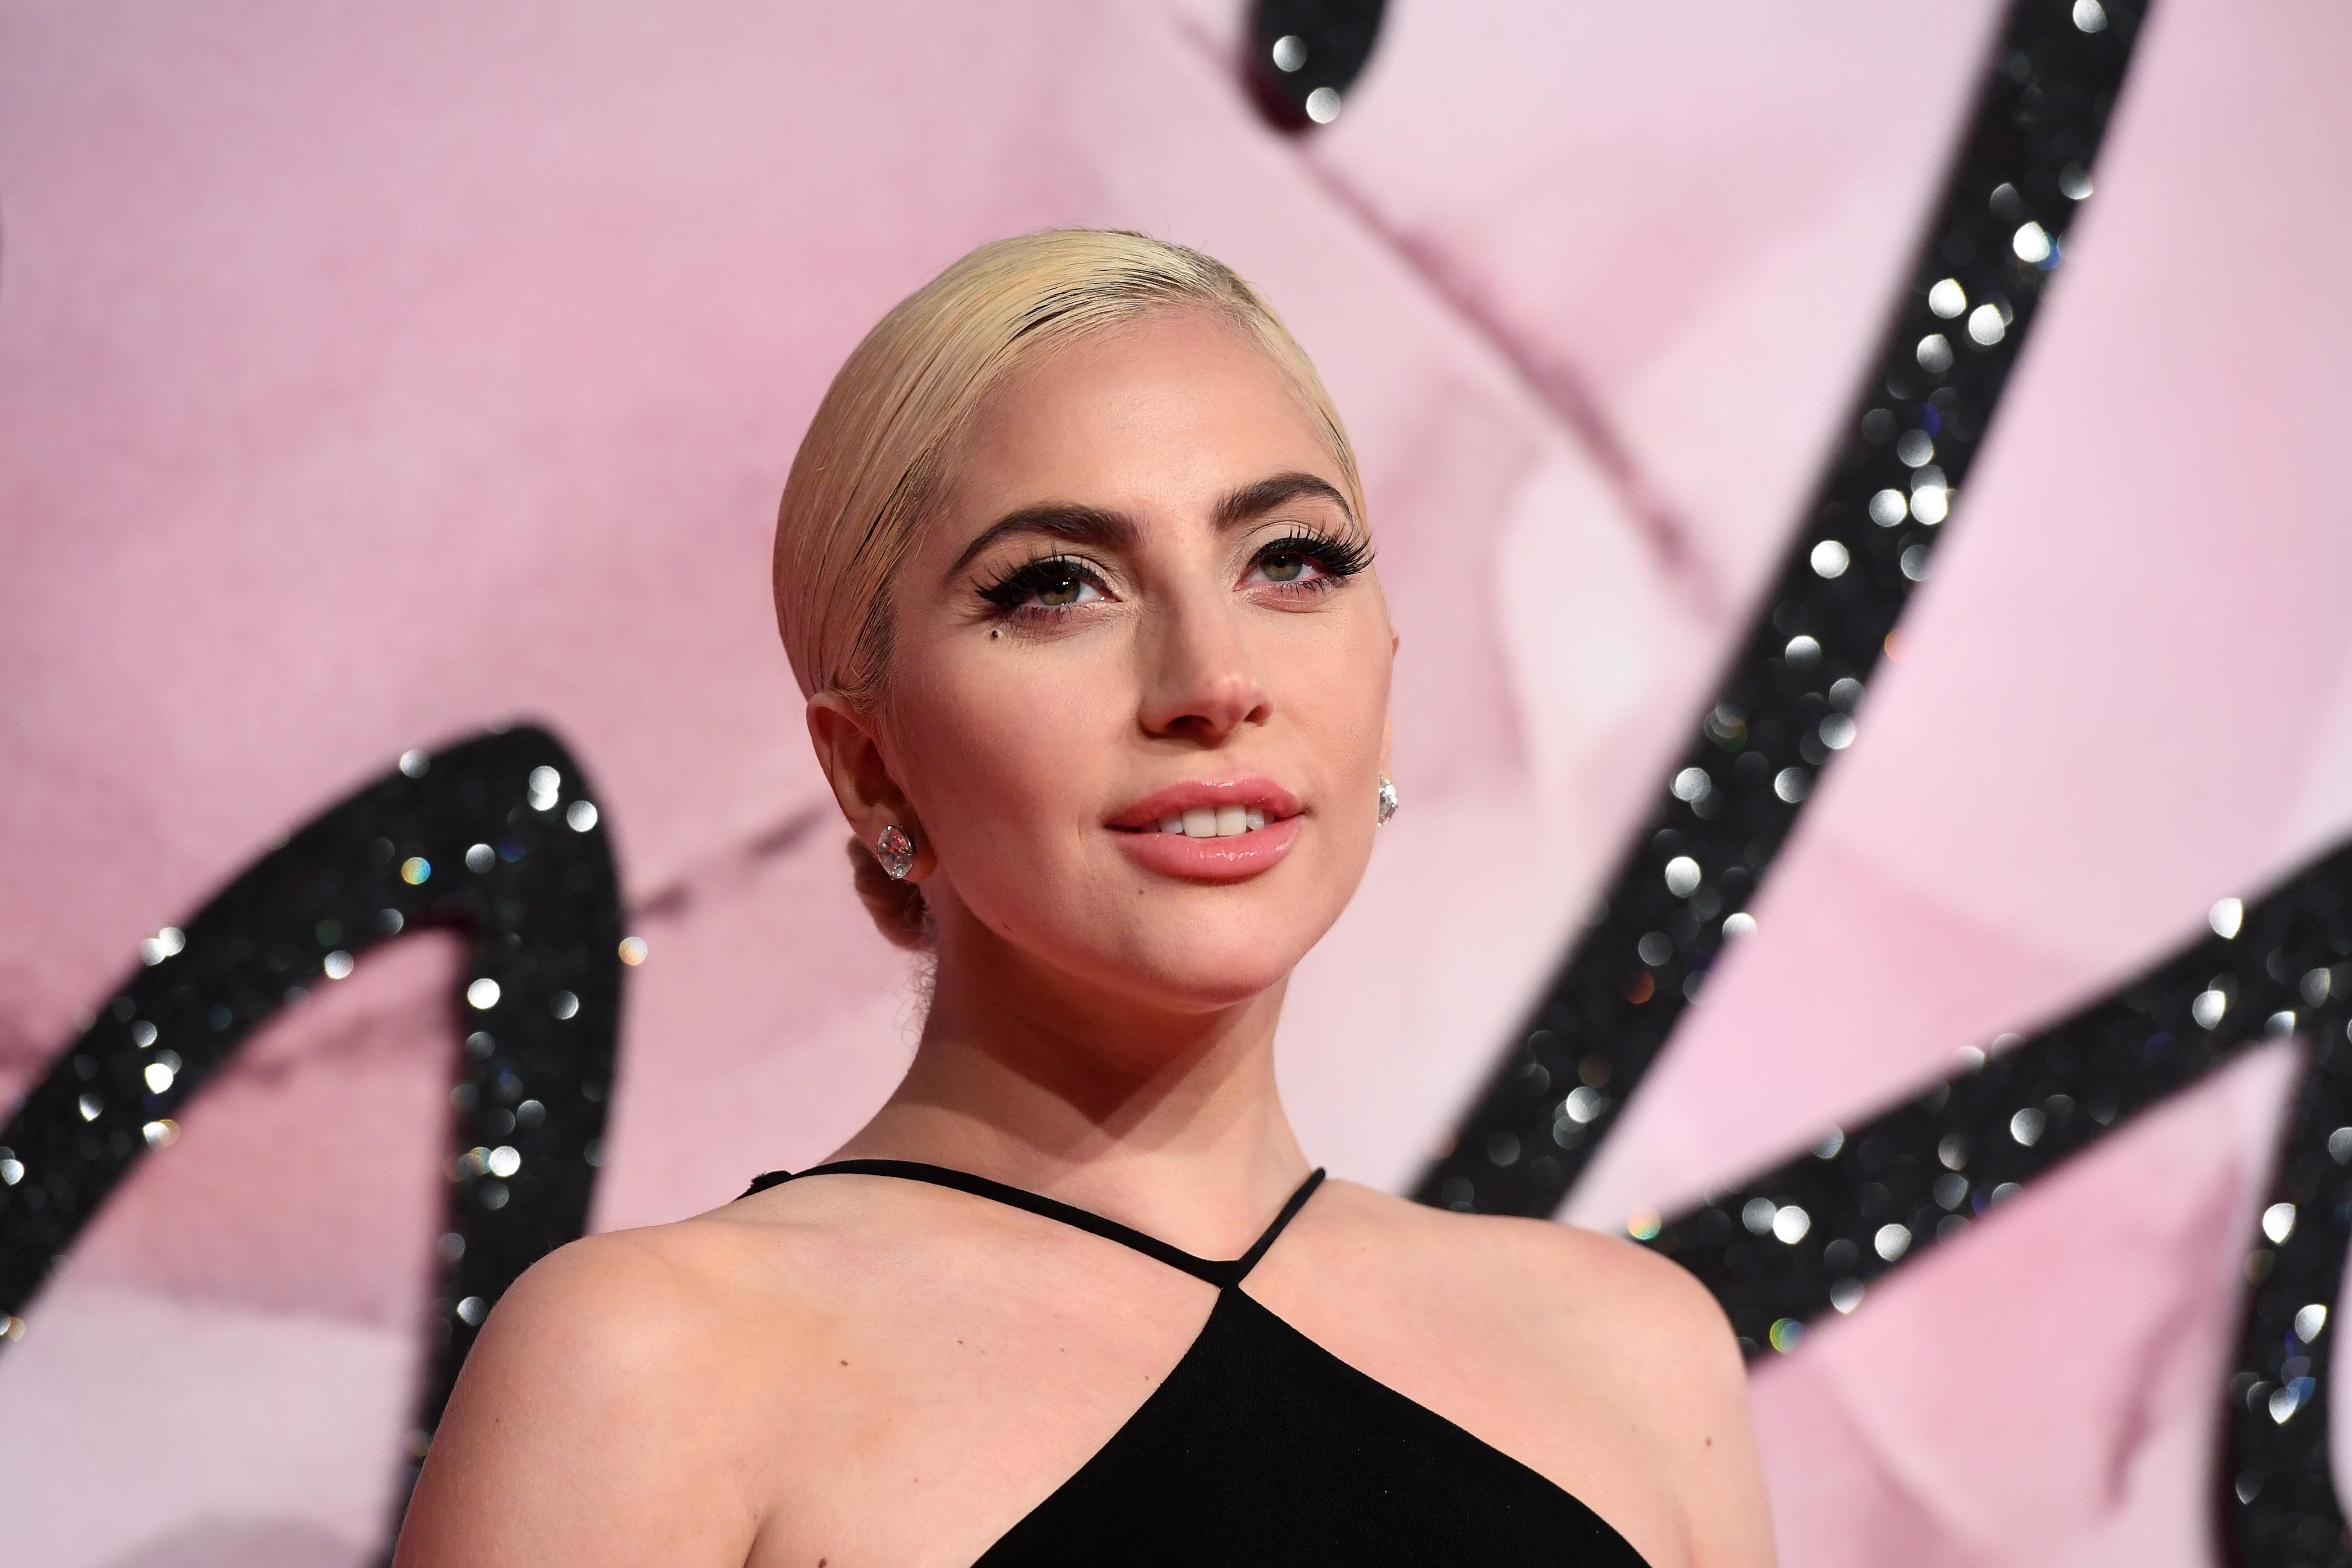 <p>Когато през март 2019 г., се завъртя клюката, че Лейди Гага е бременна, тя написа в Туитър: &bdquo;Слухове, че съм бременна? Ех, да, бременна съм с #LG6 (новият й албум)</p>